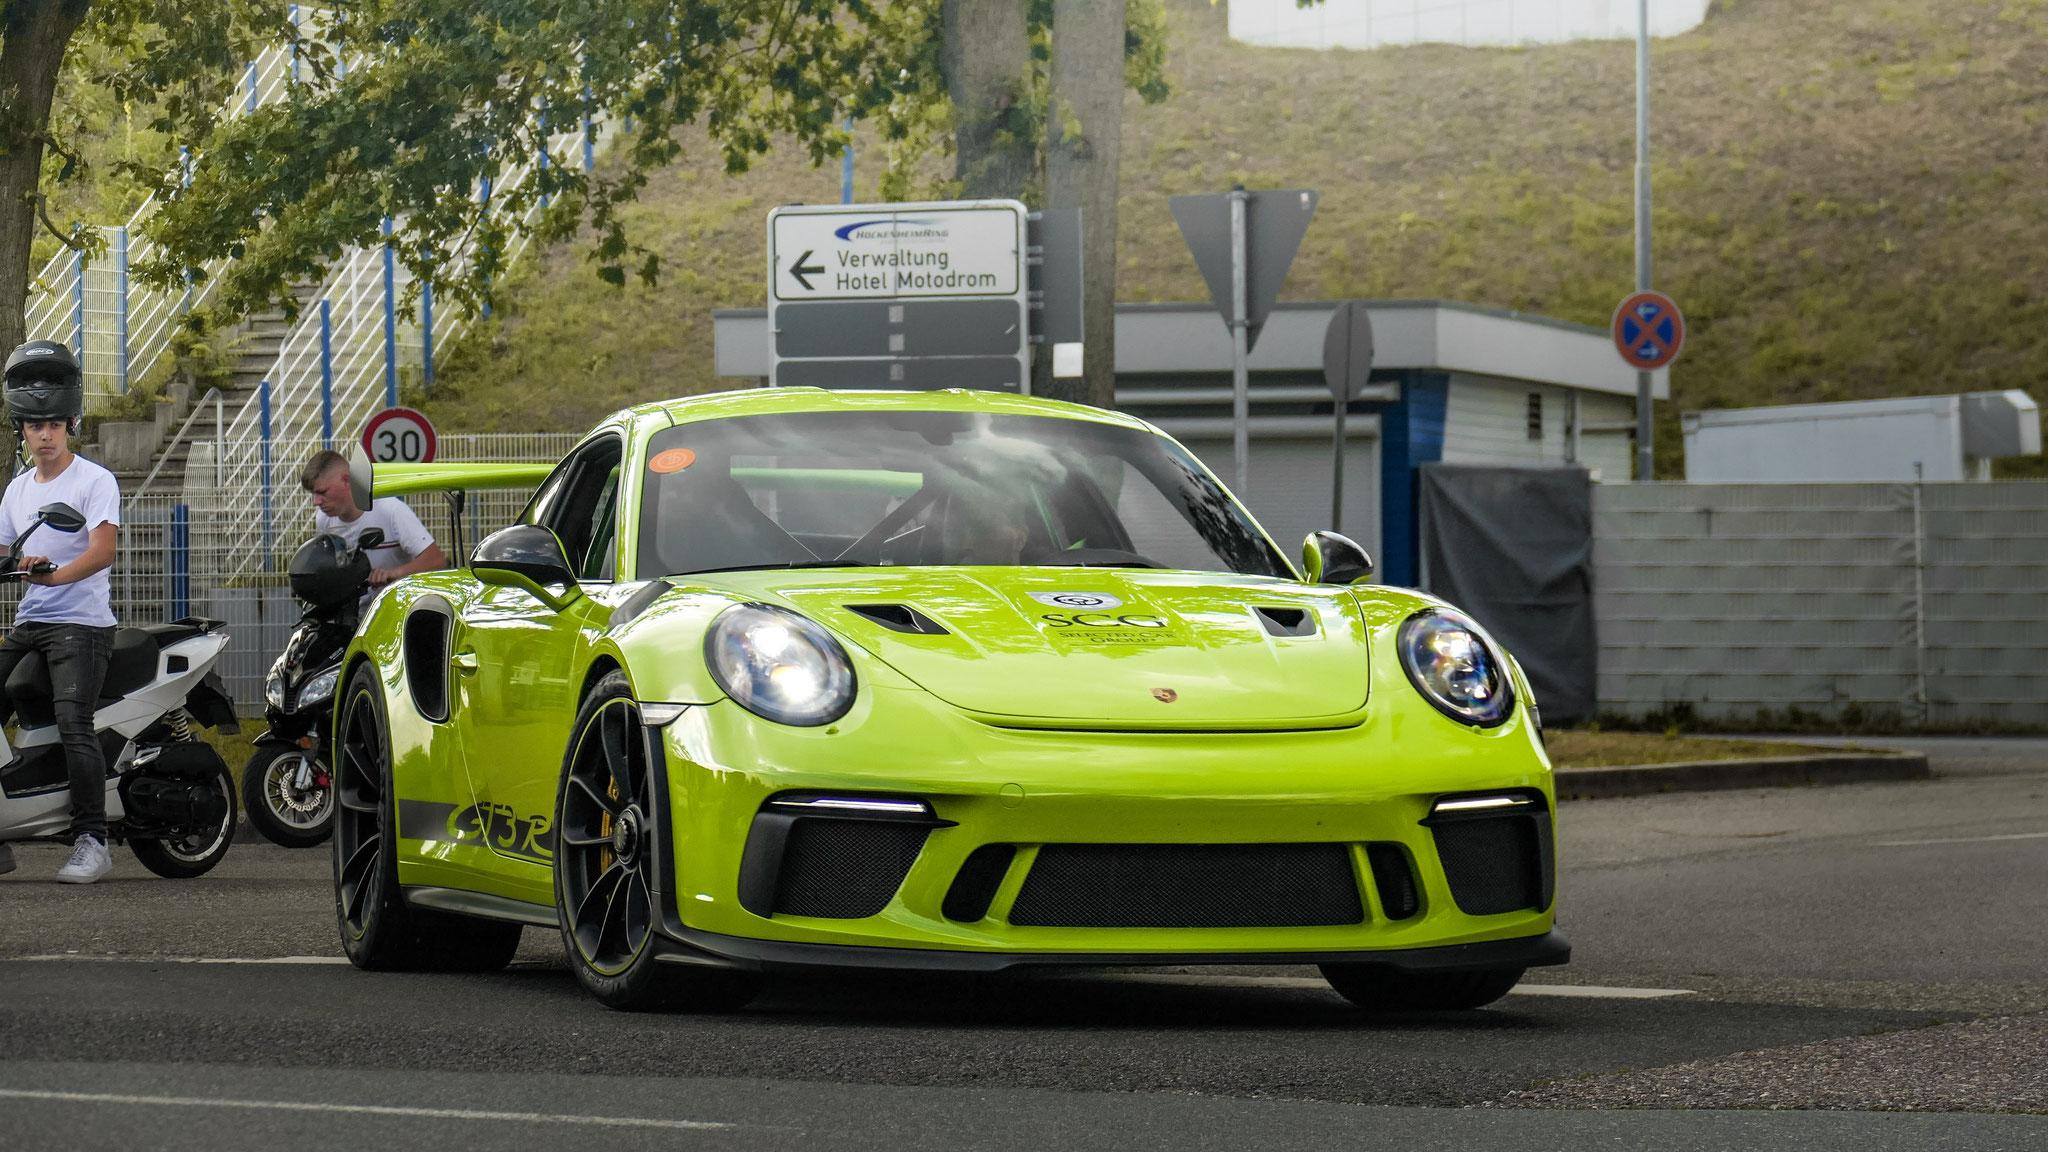 Porsche 911 991.2 GT3 RS - HM-44 (DK)